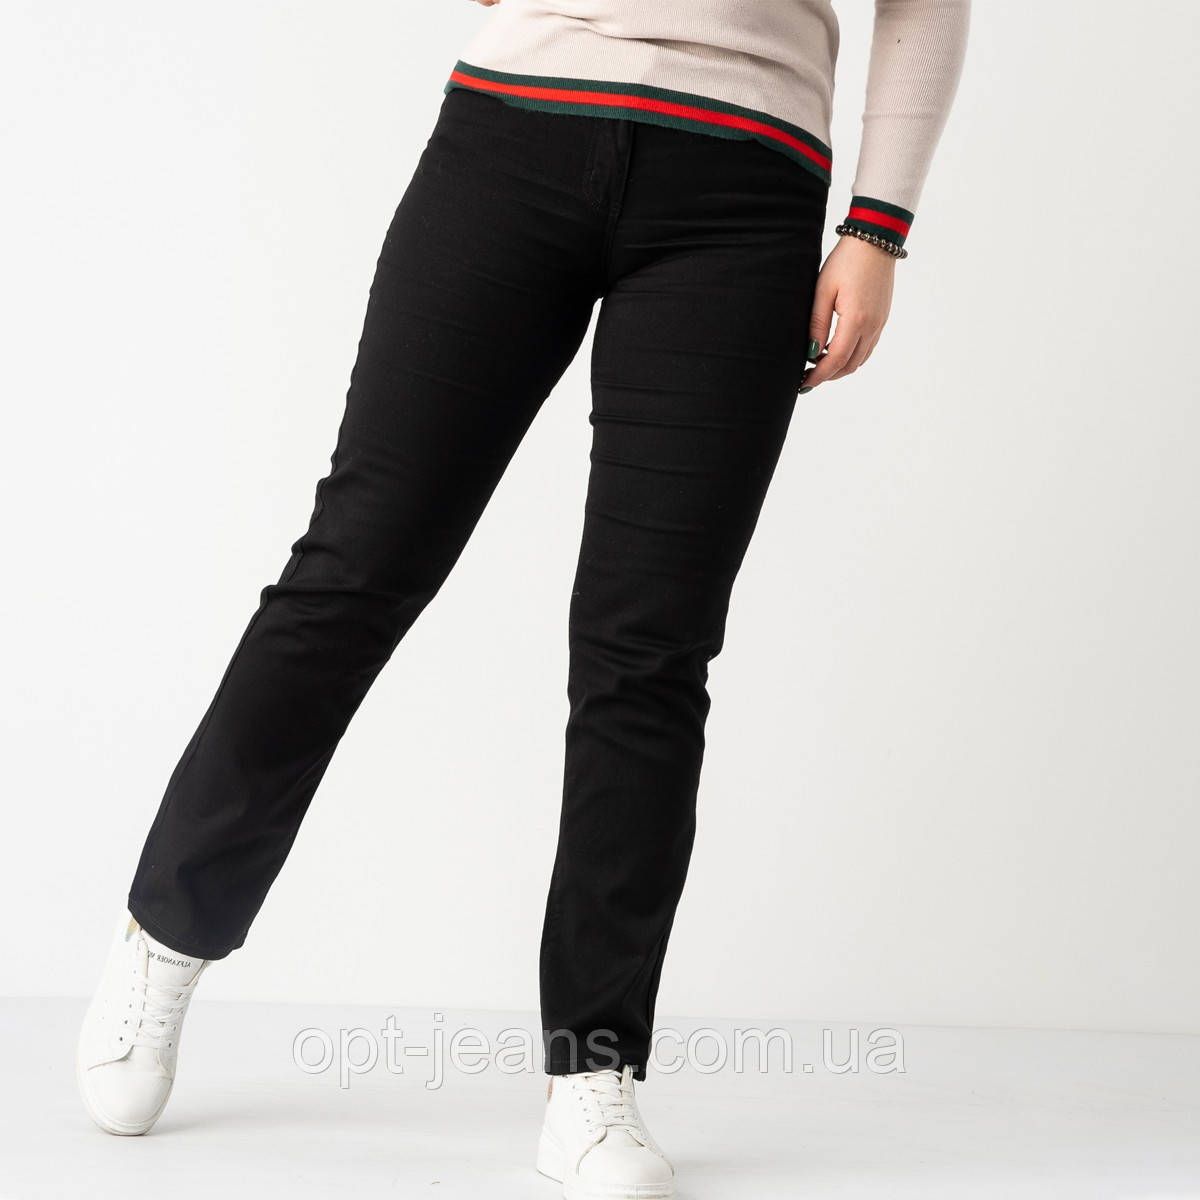 9766 Sunbird черные джинсы женские батальные  стрейчевые (6 ед. размеры: 30.32.34.36.38.40)